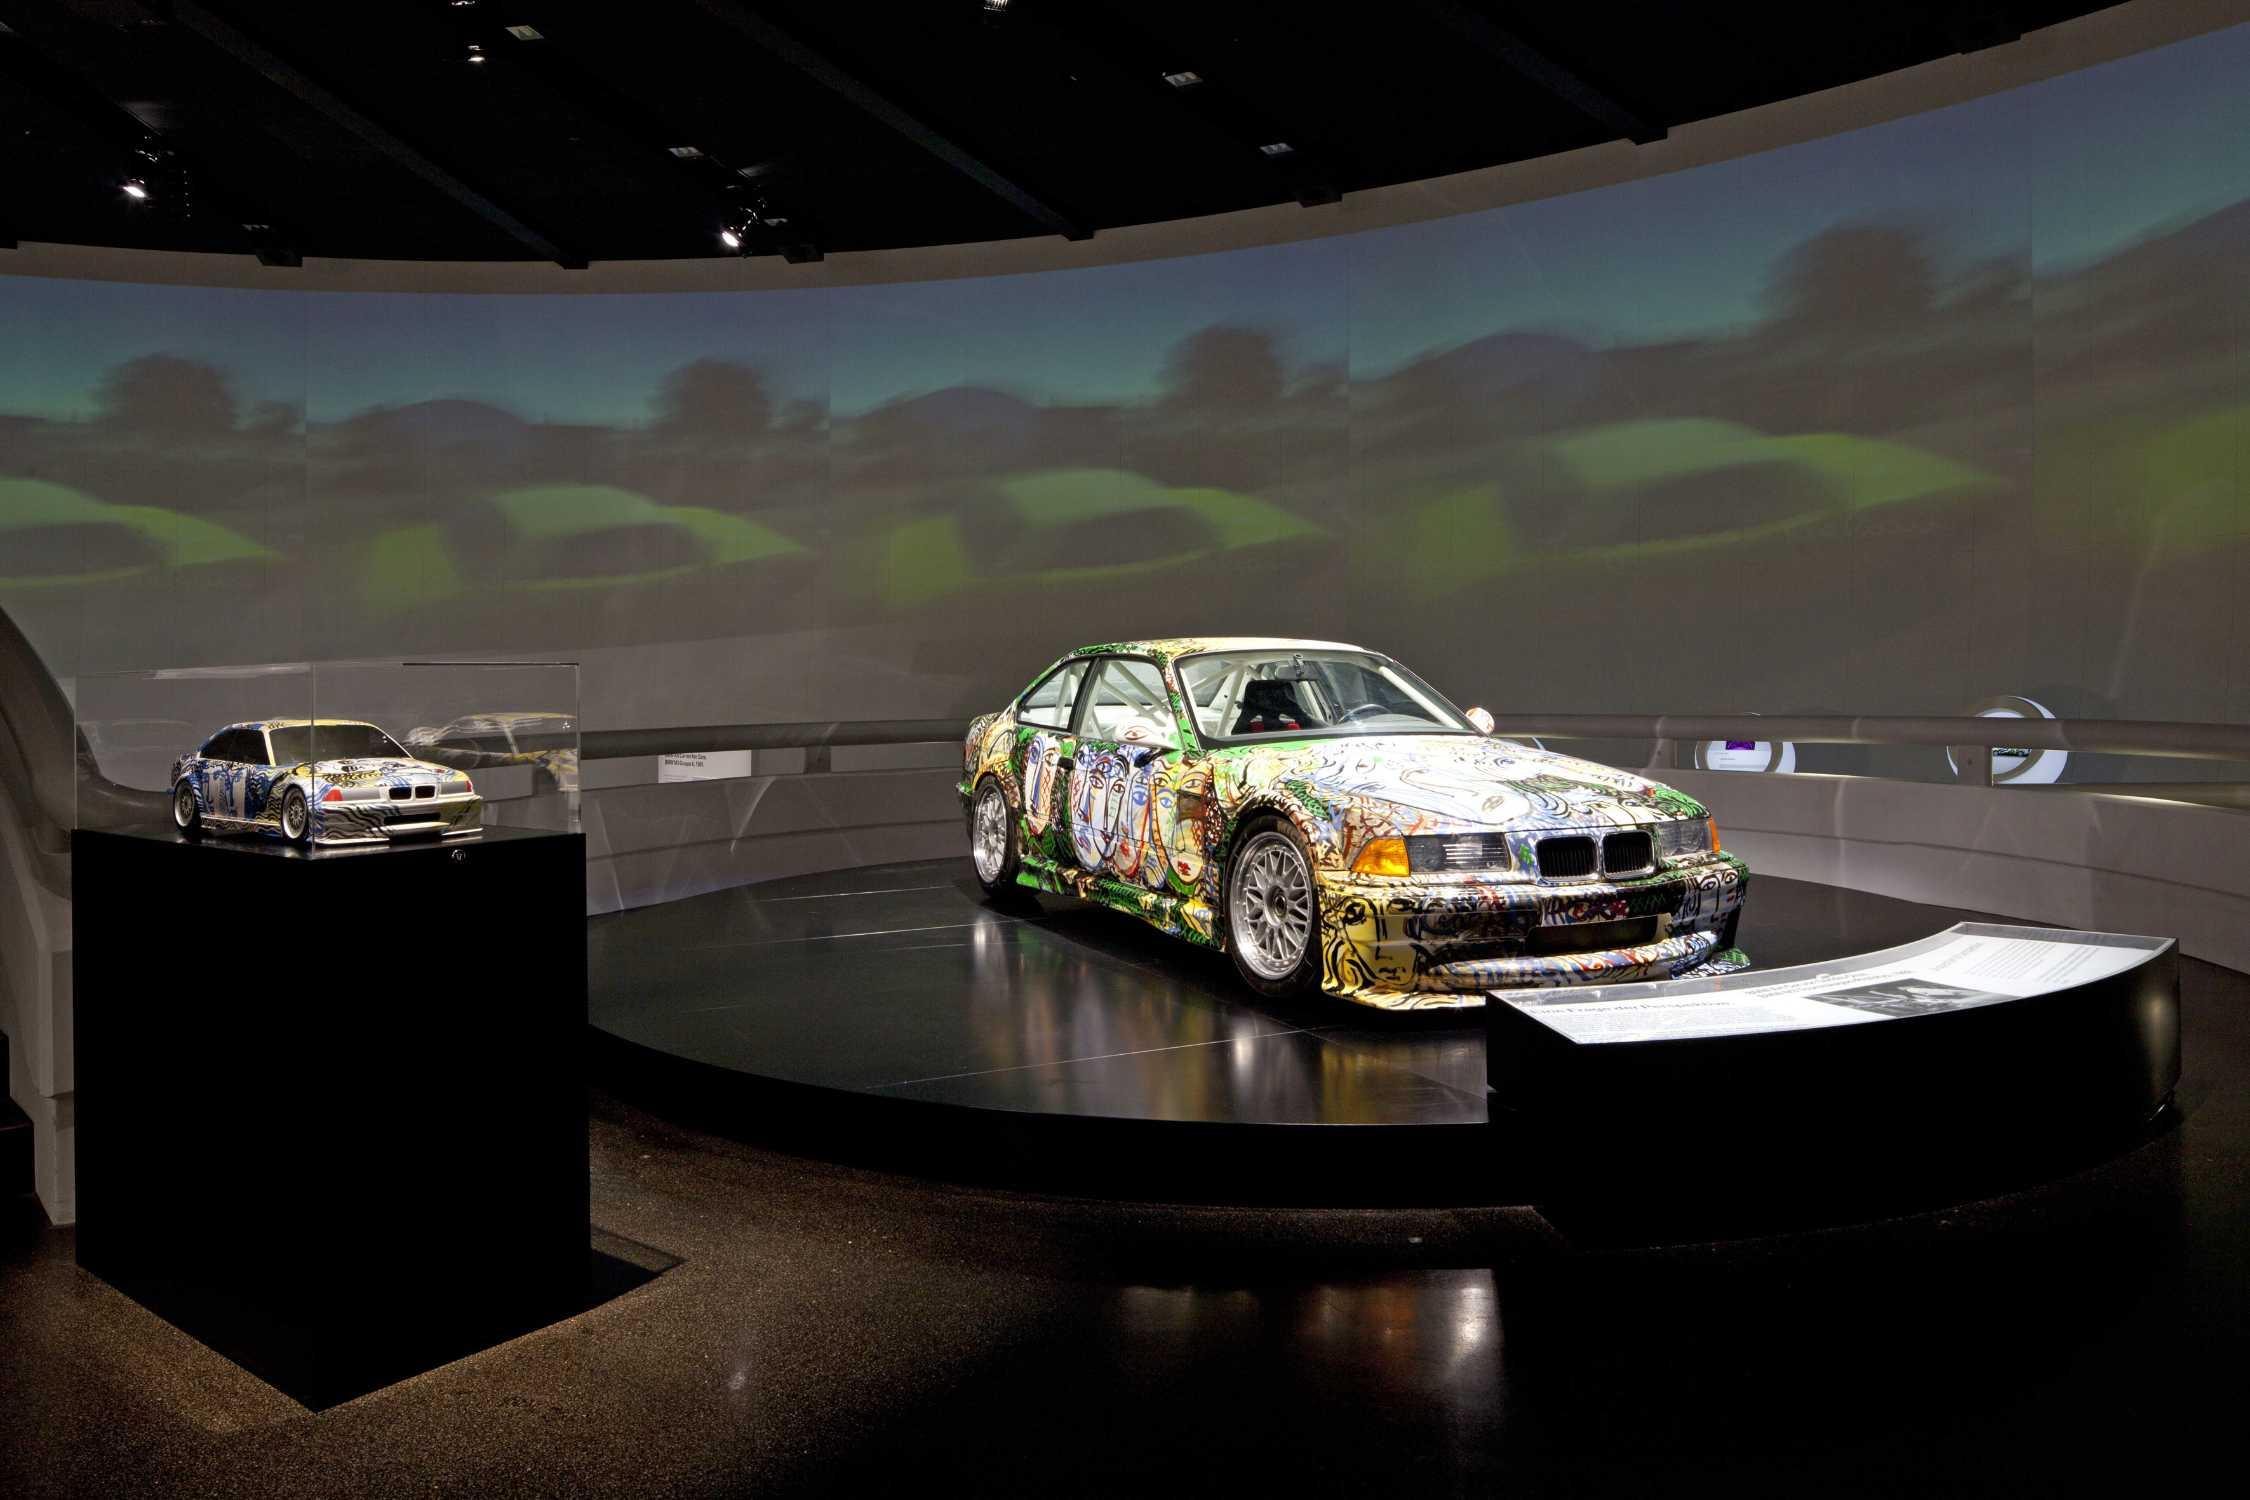 Sandro Chia BMW Touring Racer - Exhibition car